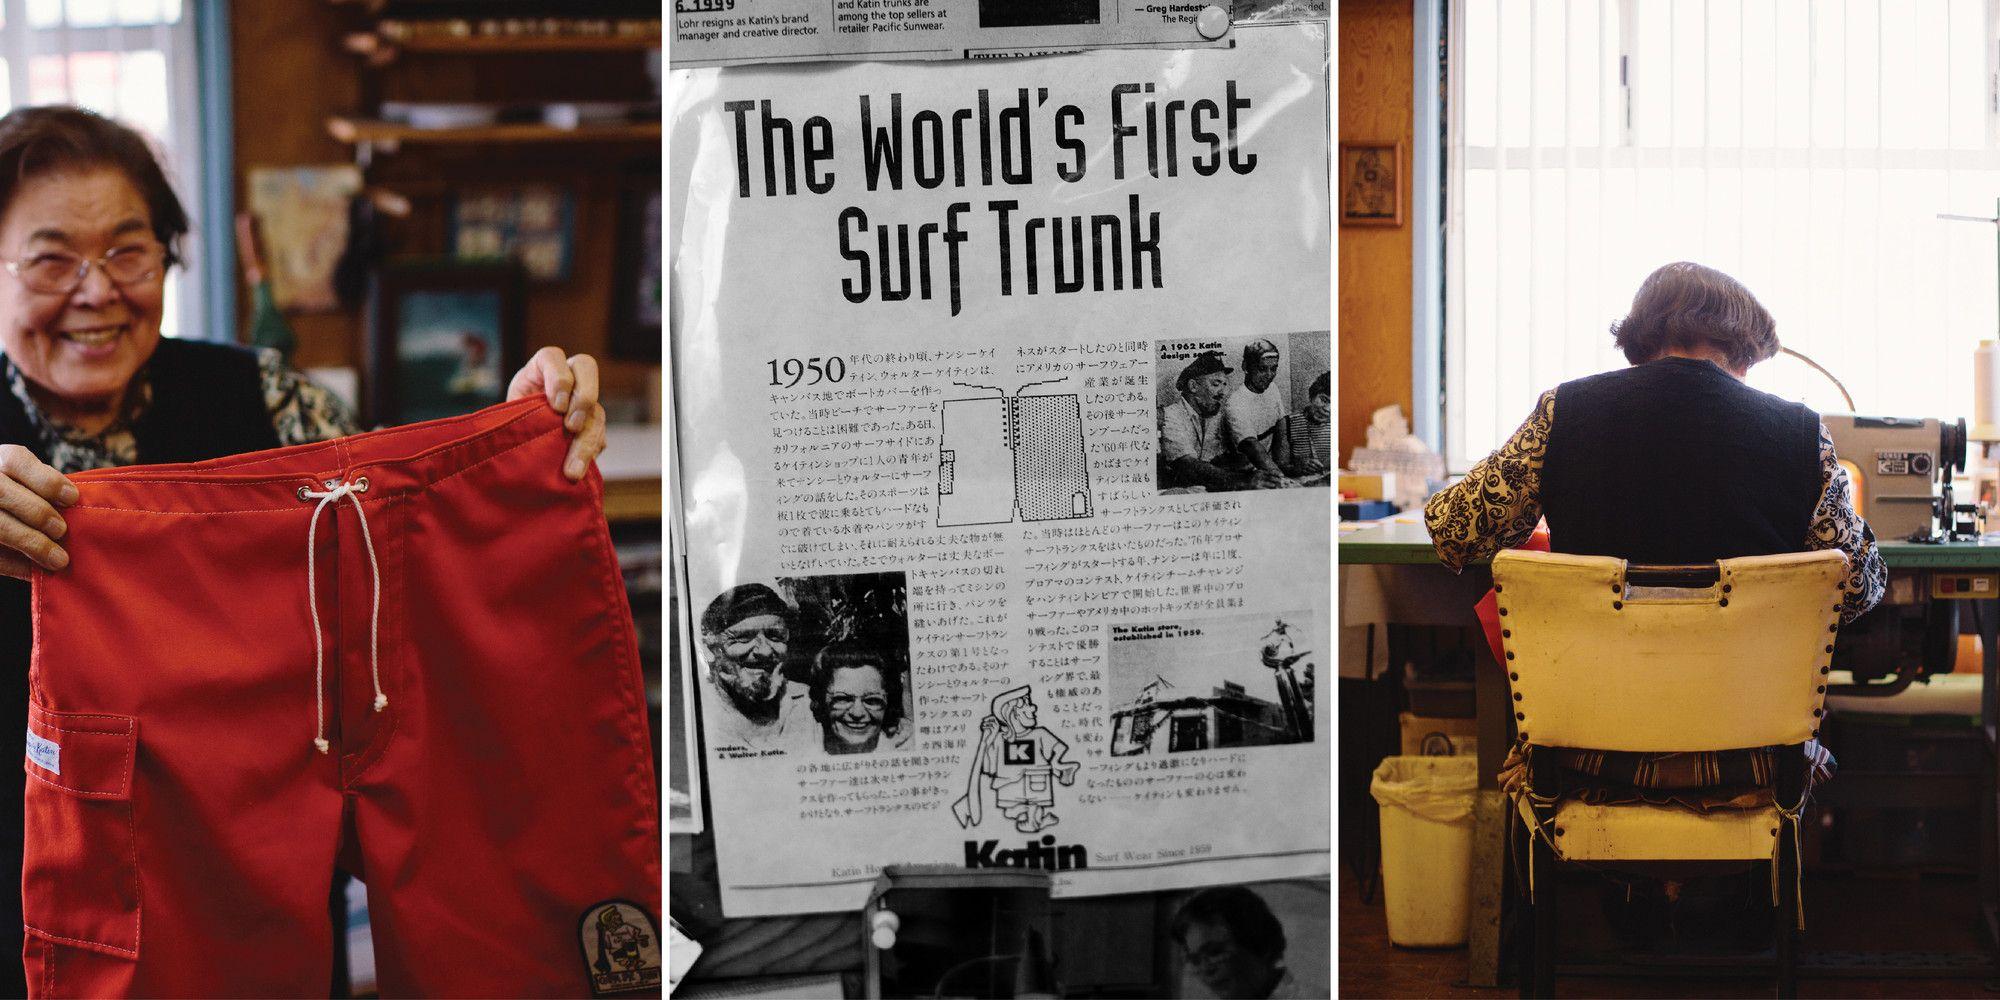 Katin Usa   Surf Trunks and High Quality Lifestyle Apparel   Katin USA